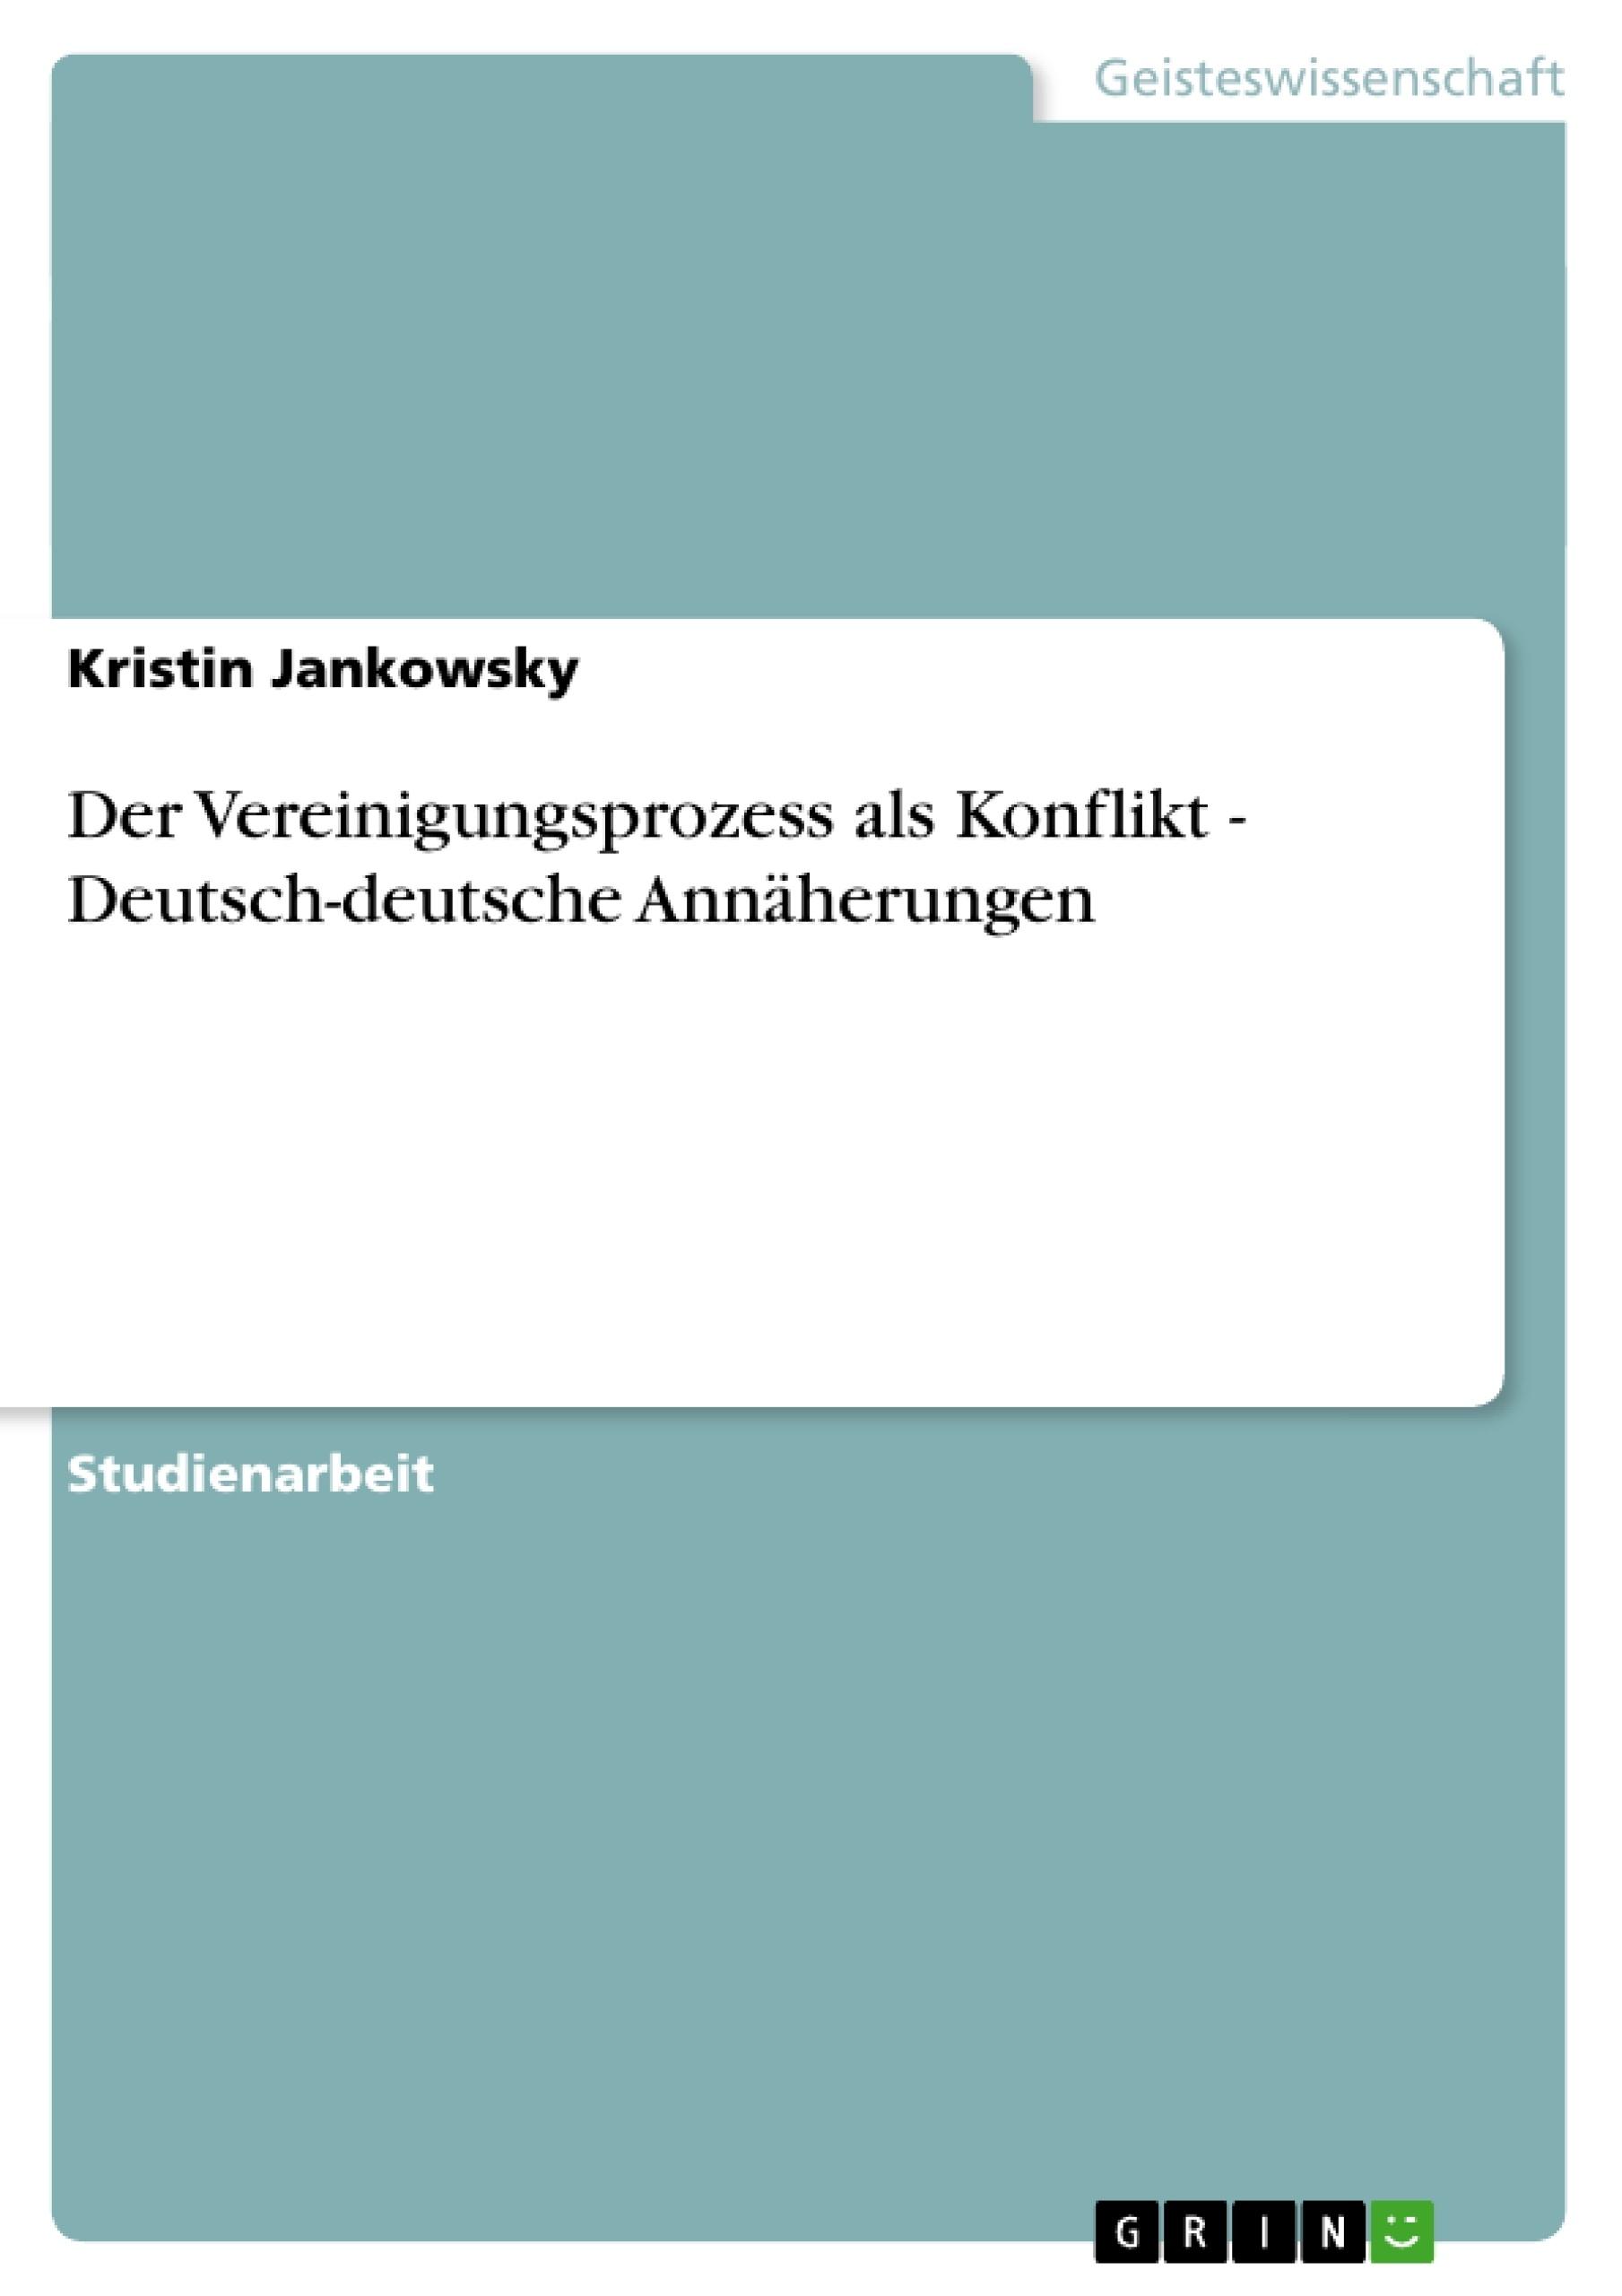 Titel: Der Vereinigungsprozess als Konflikt - Deutsch-deutsche Annäherungen